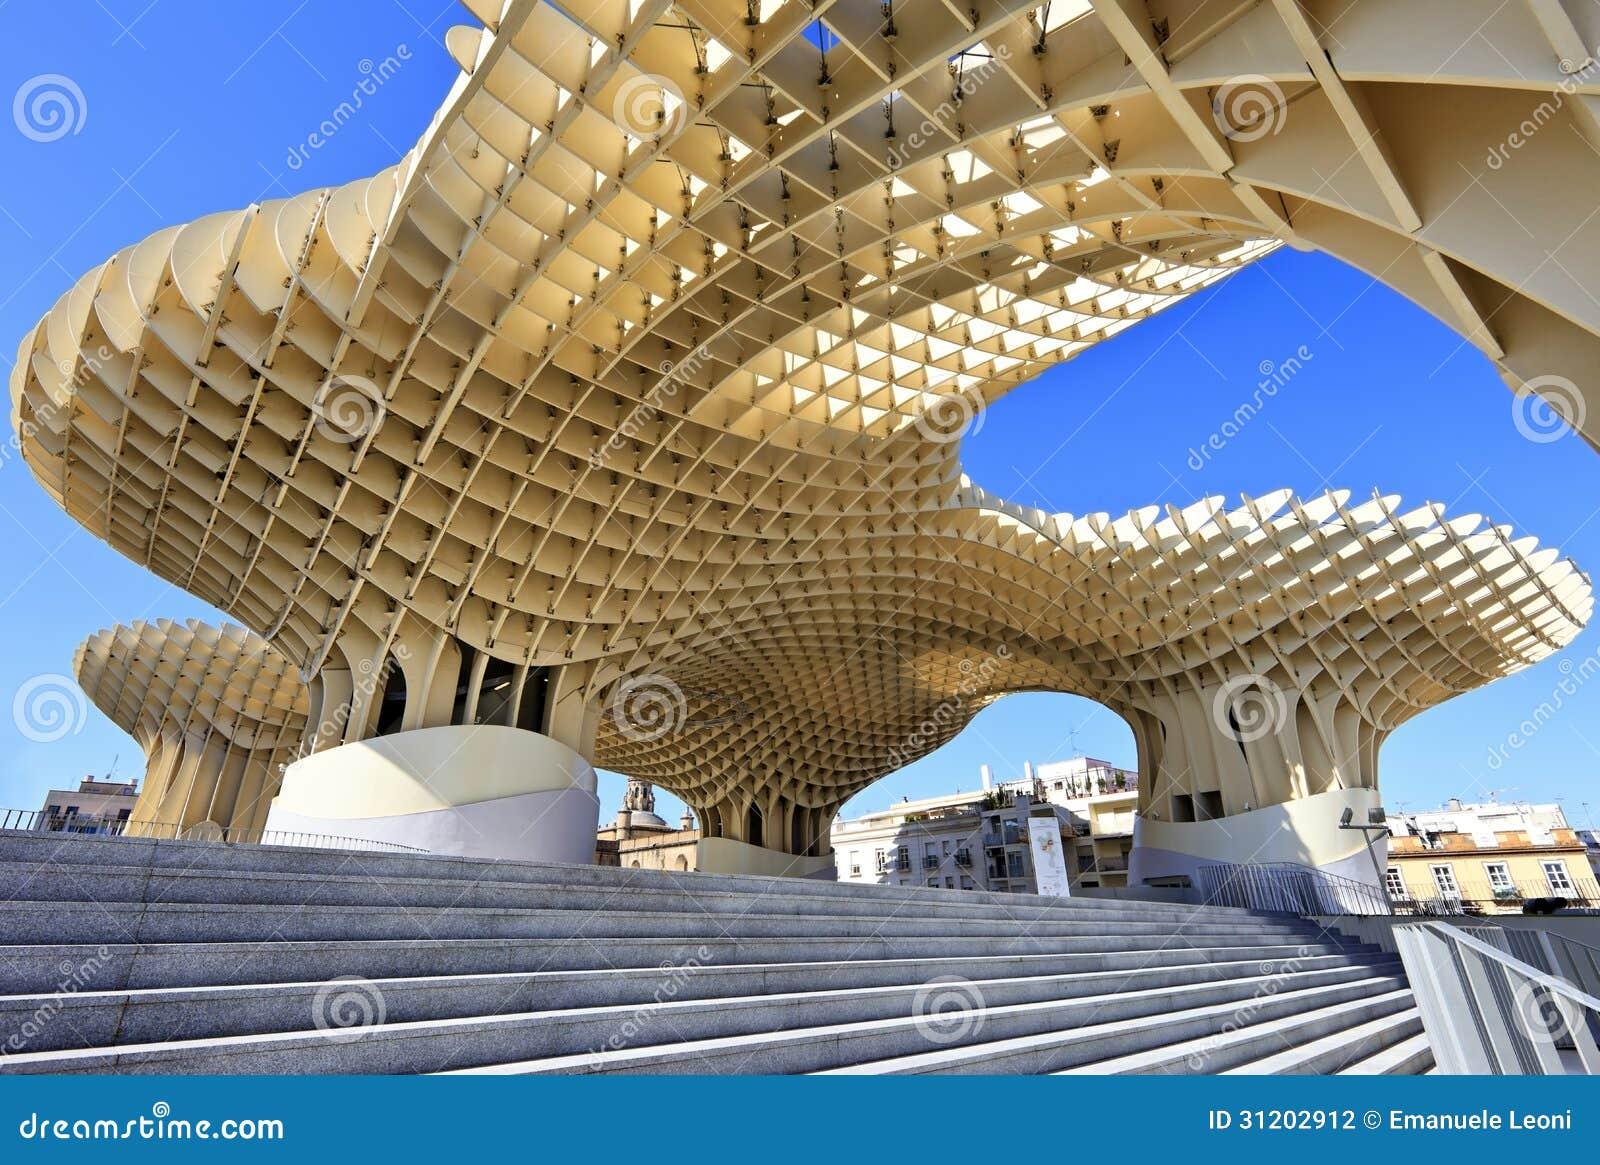 Metropol Parasol in Plaza de la Encarnacion, Sevilla